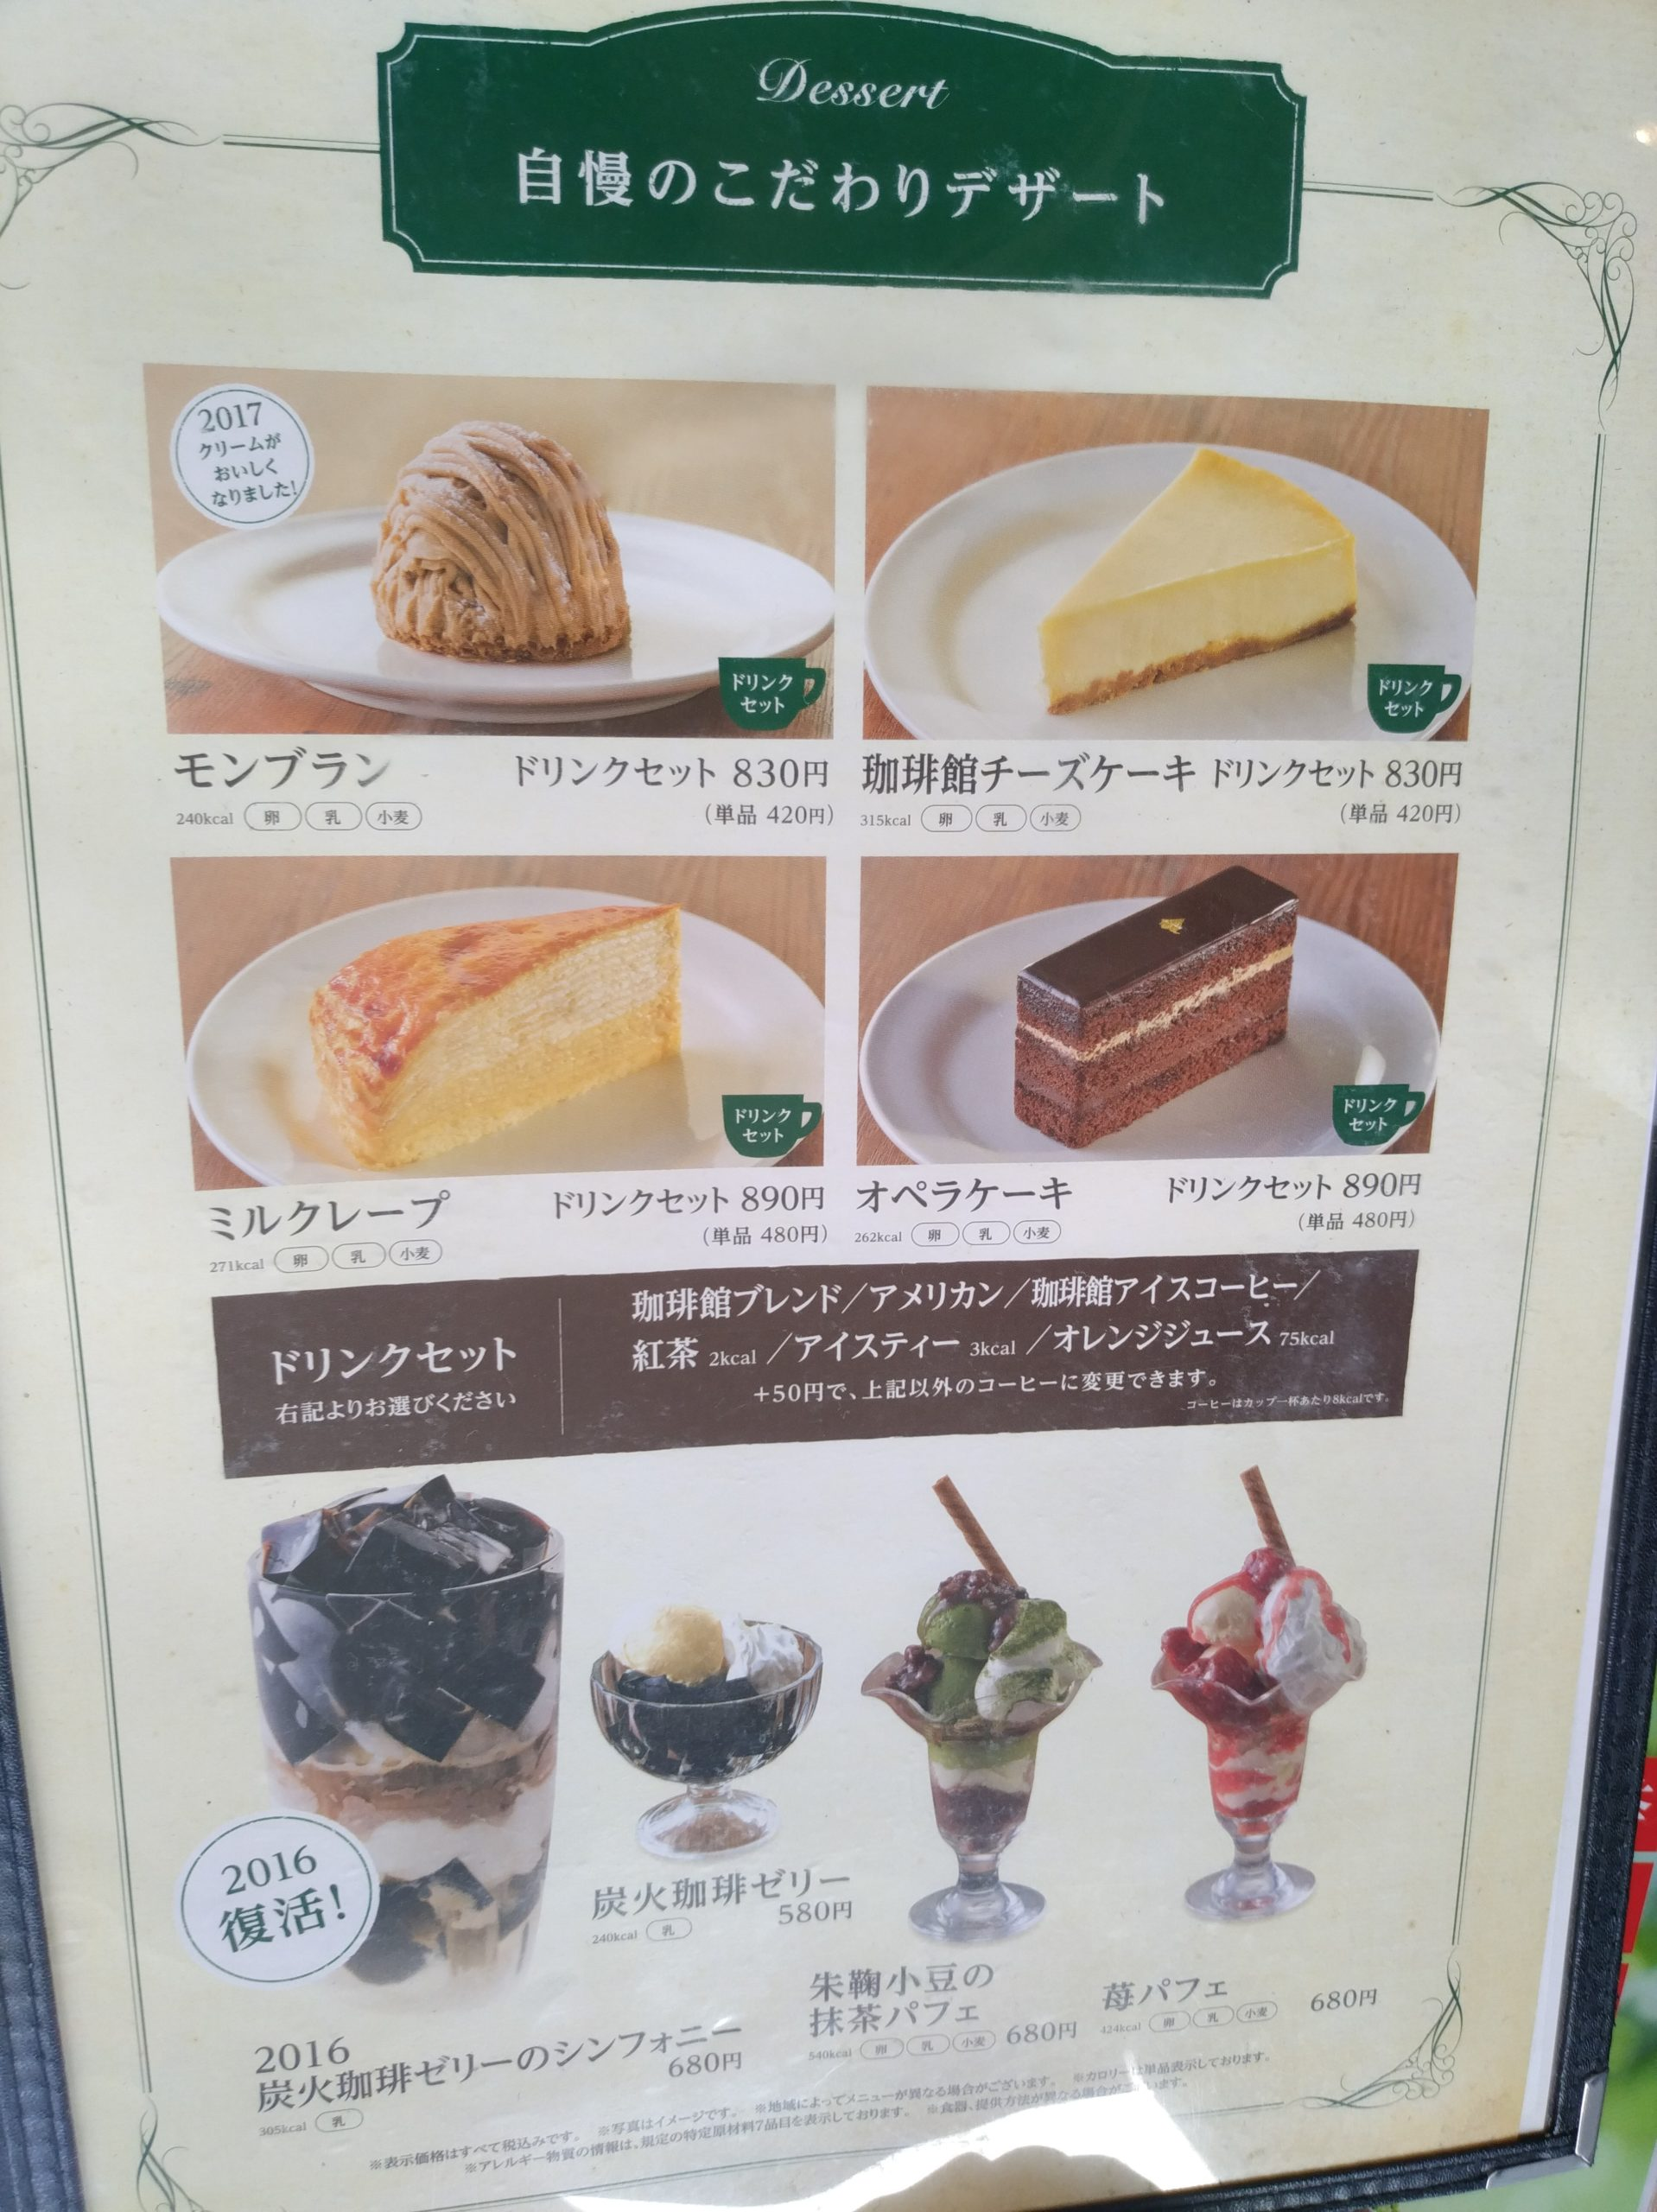 厚切りシナモントースト 珈琲館 ケーキメニュー